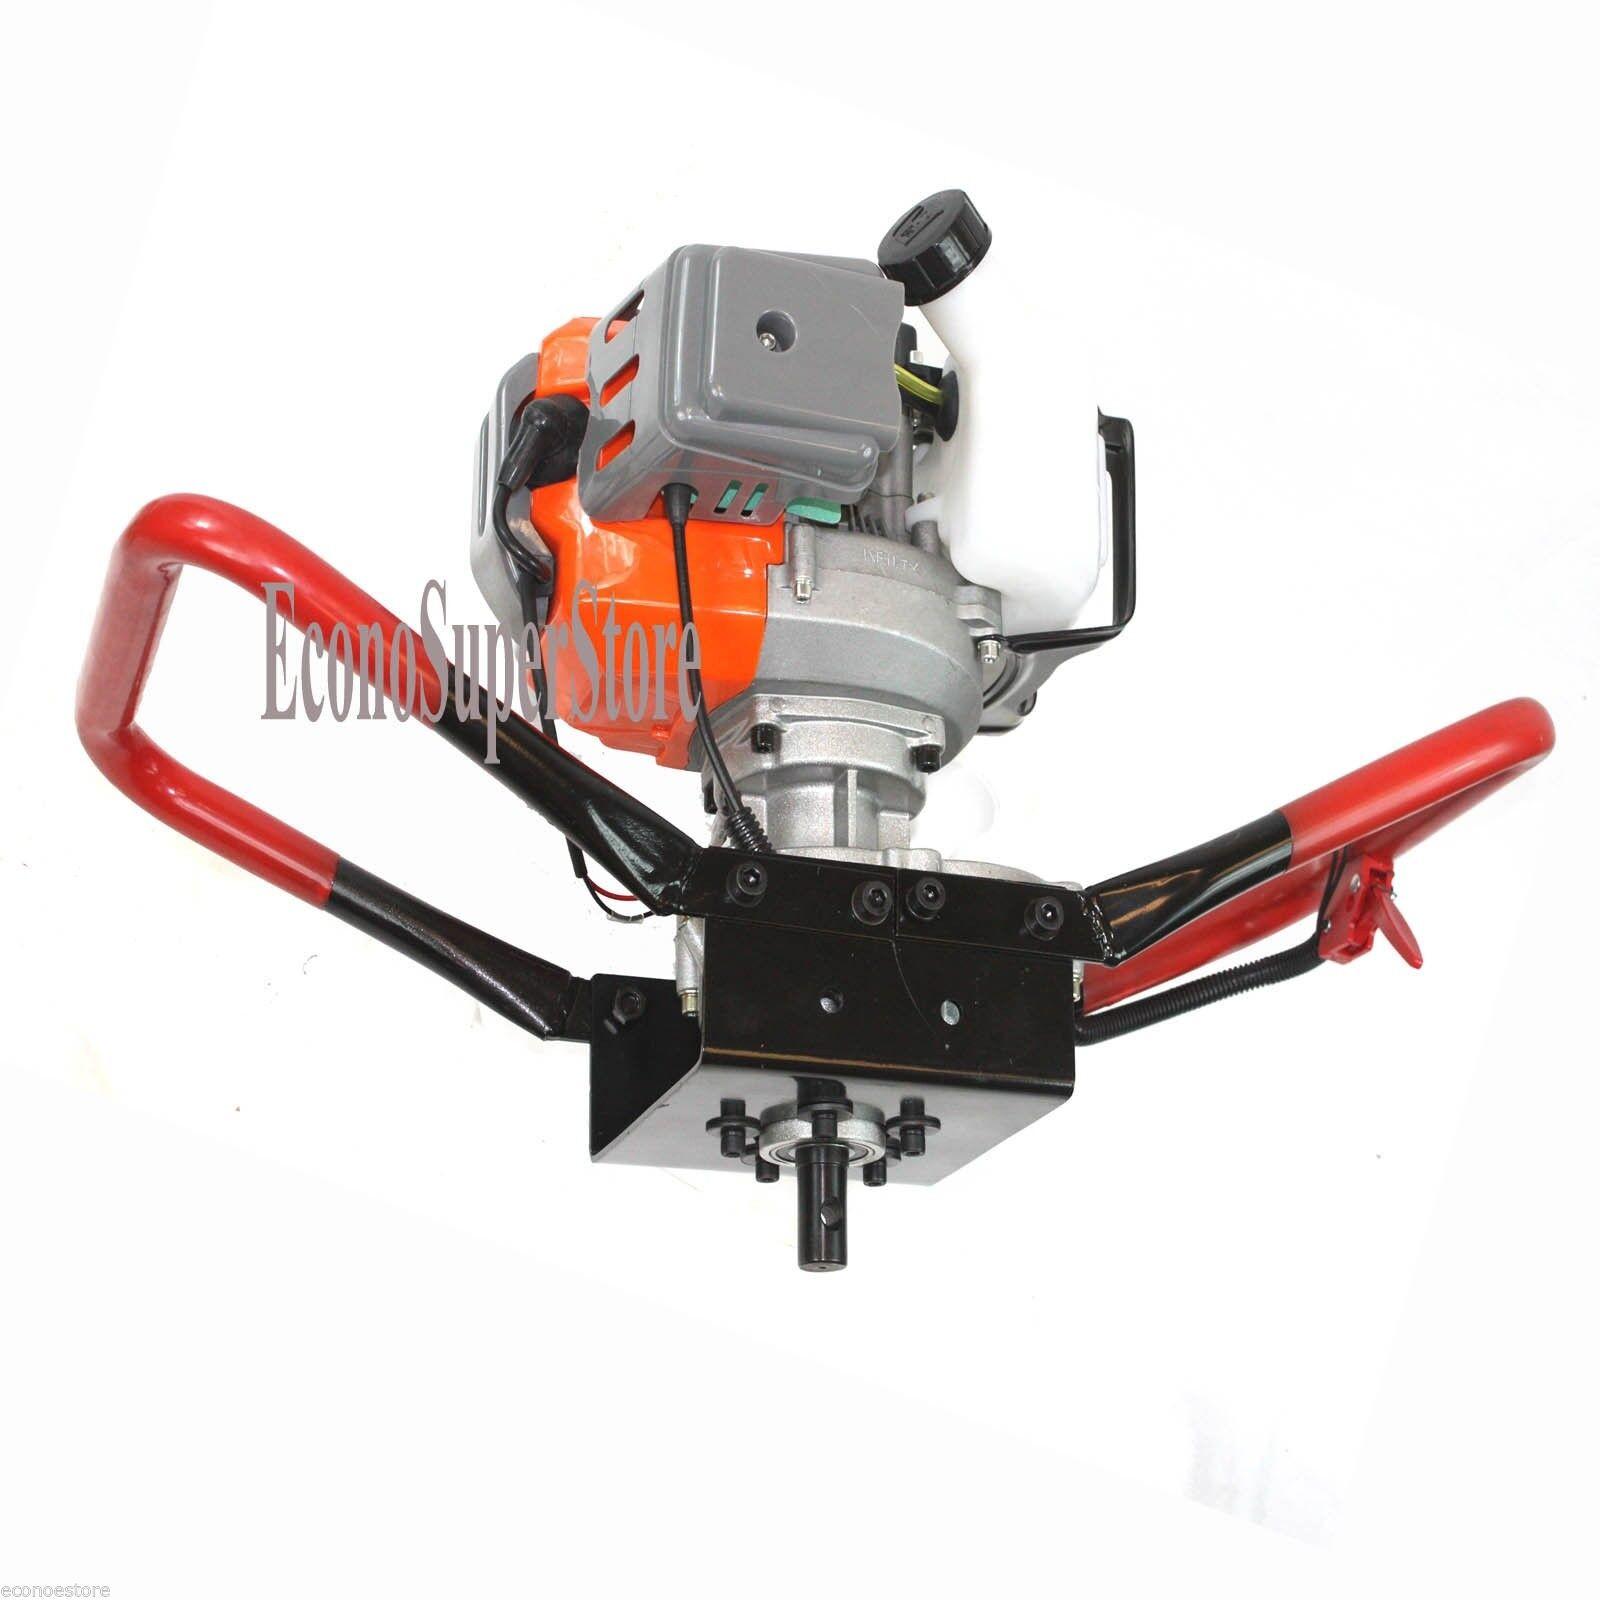 52 C Post Motor de alimentación de gas Hole Digger sola persona Barrena esgrima de perforación del agujero